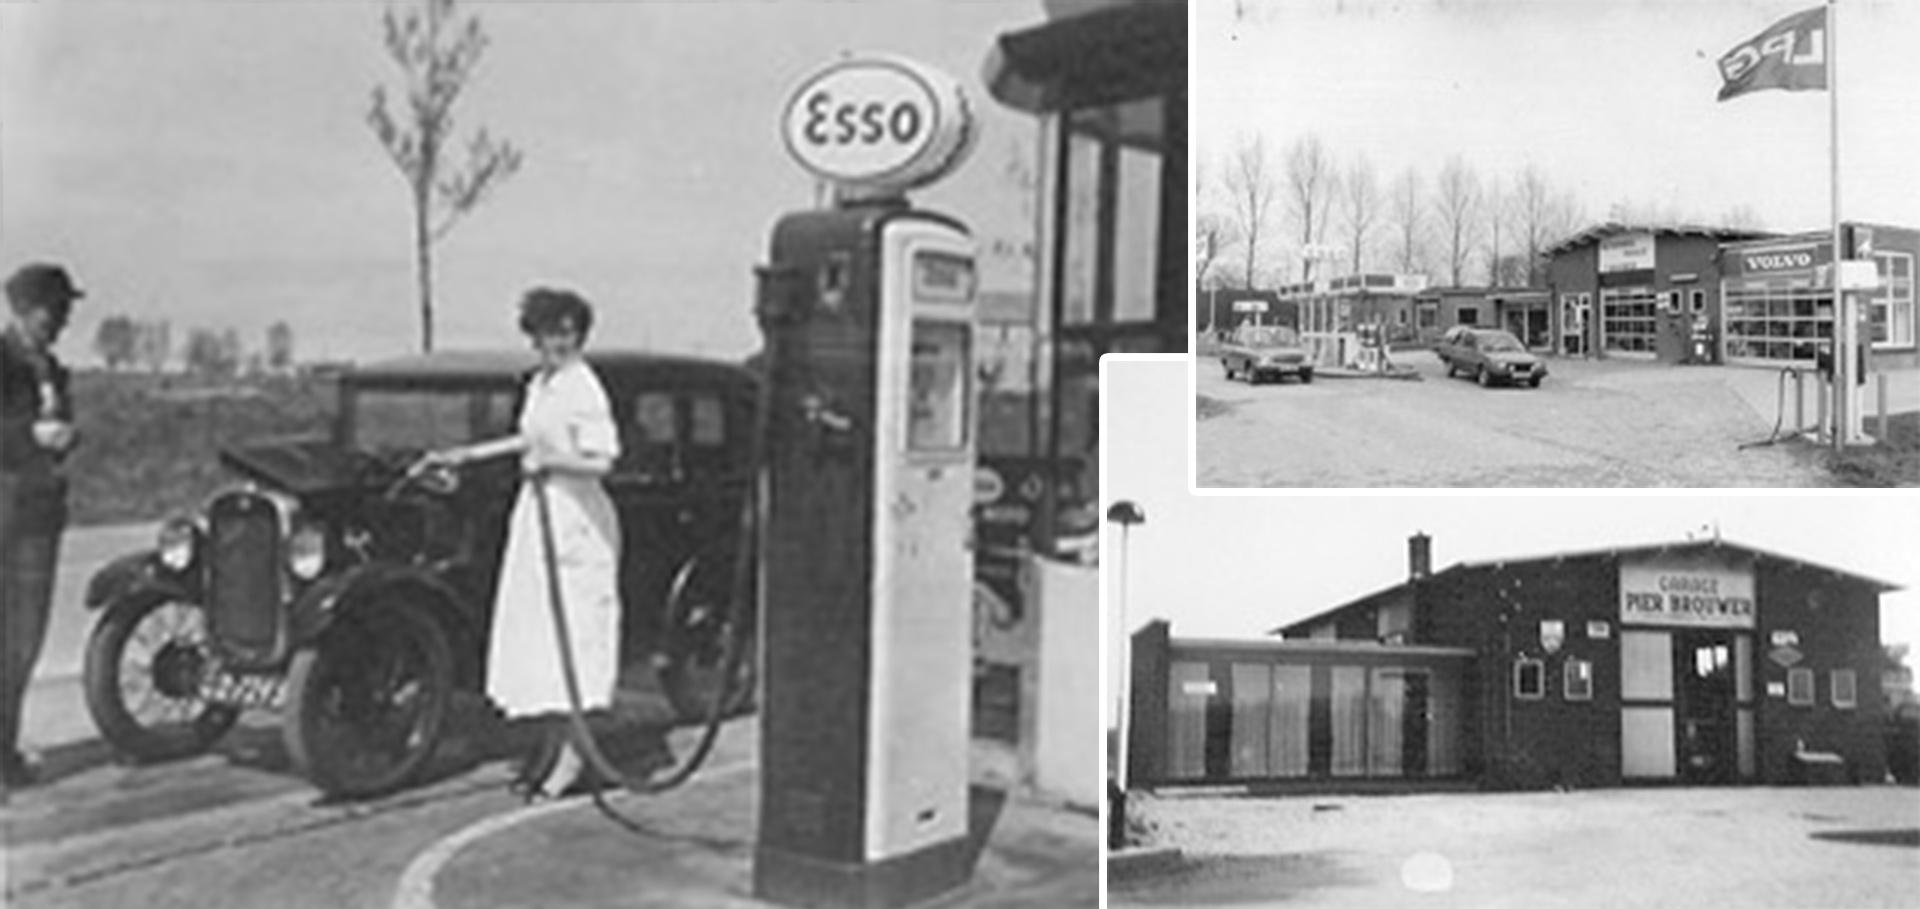 Historie Autobedrijf Brouwer